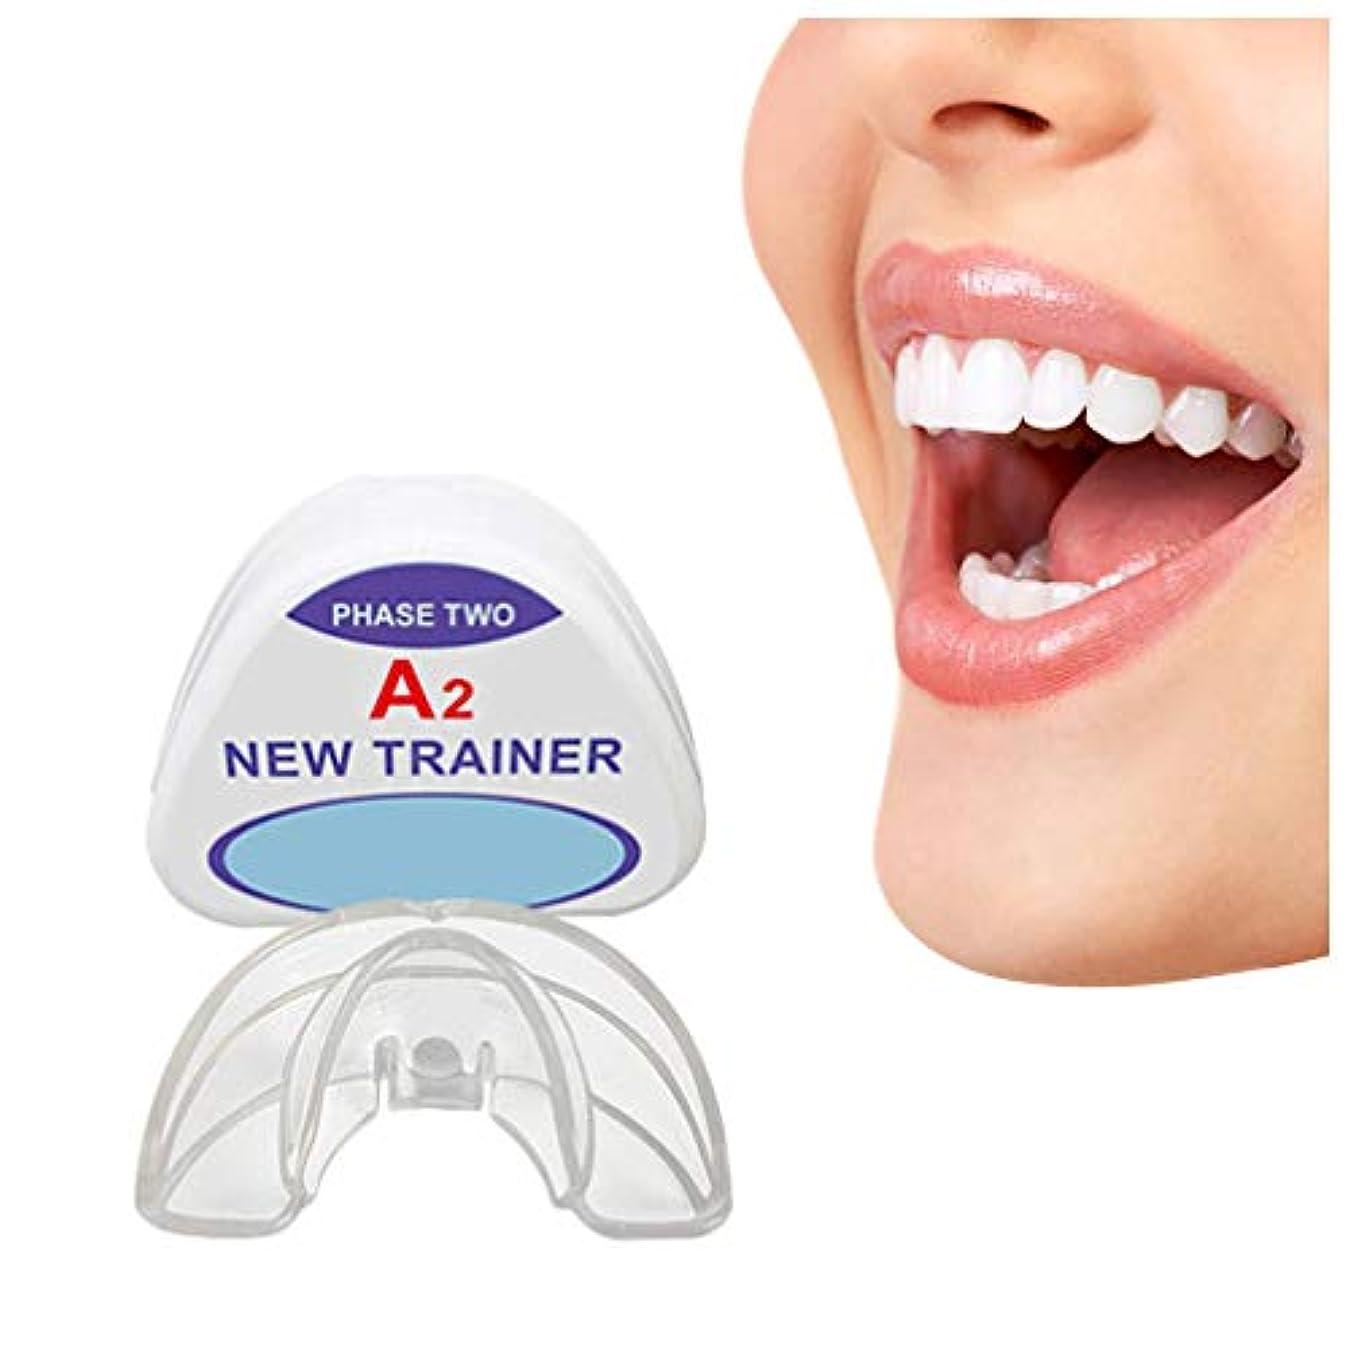 基礎理論ネスト火山歯アライメントトレーナーリテーナー、歯科矯正トレーナー、ナイトマウスガードスリムグラインドプロテクター、大人のためのトレーナー歯アライメントブレース,A2